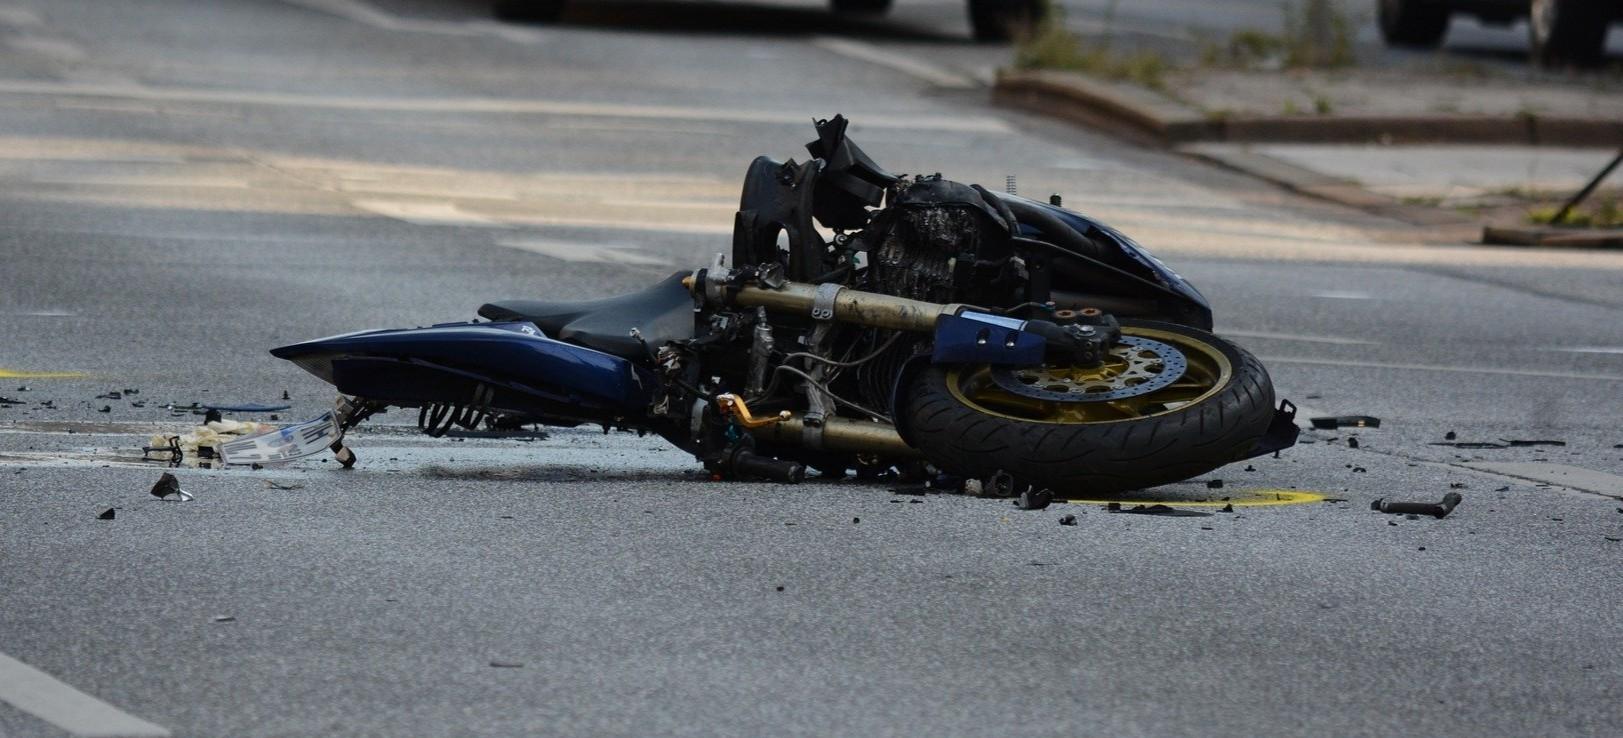 Śmiertelny wypadek. Motocyklista zderzył się z kombajnem